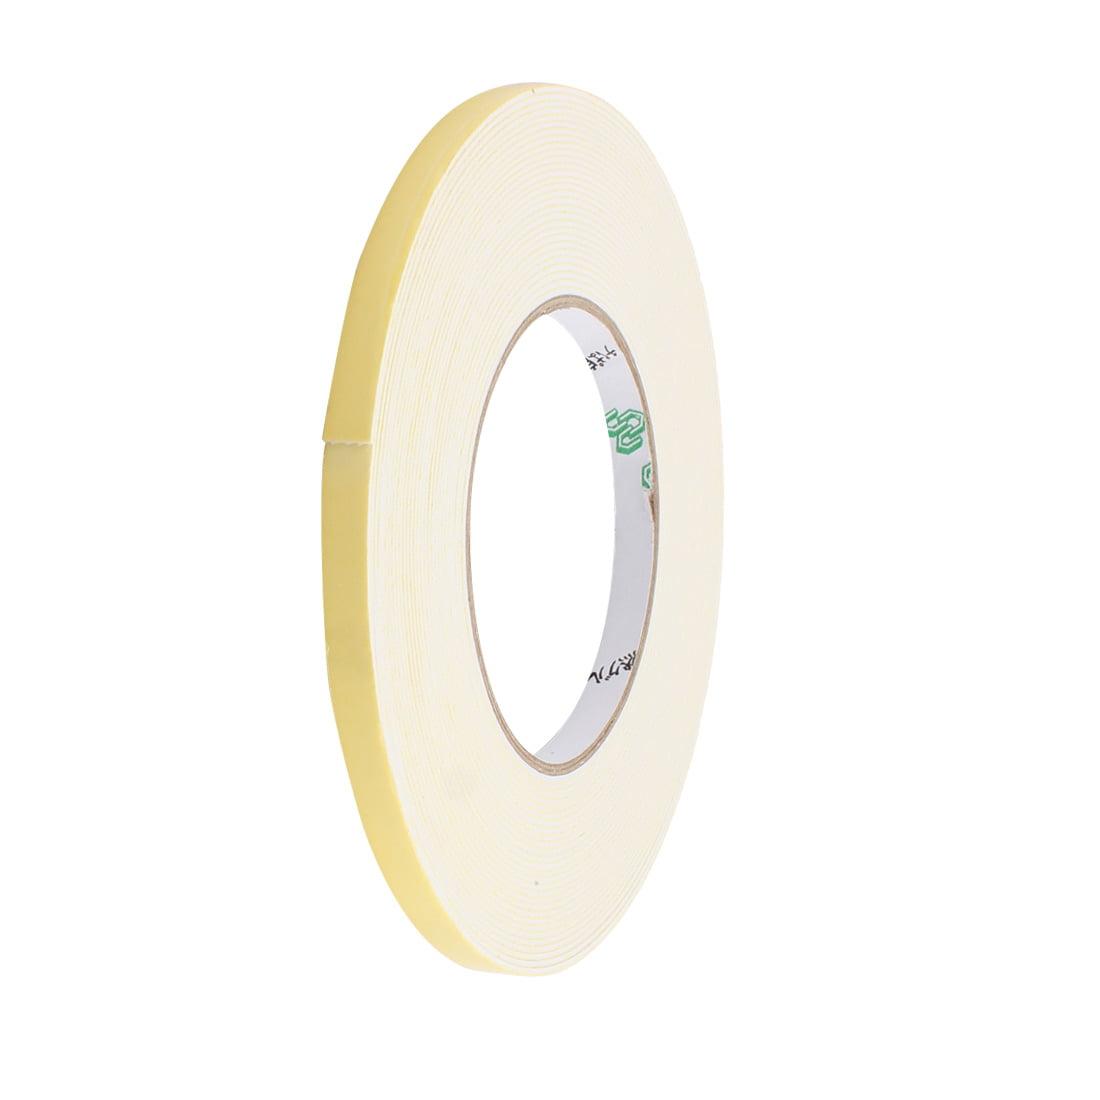 8mm Width 1mm Thickness EVA Single Side Sponge Foam Tape 10 Meters Length